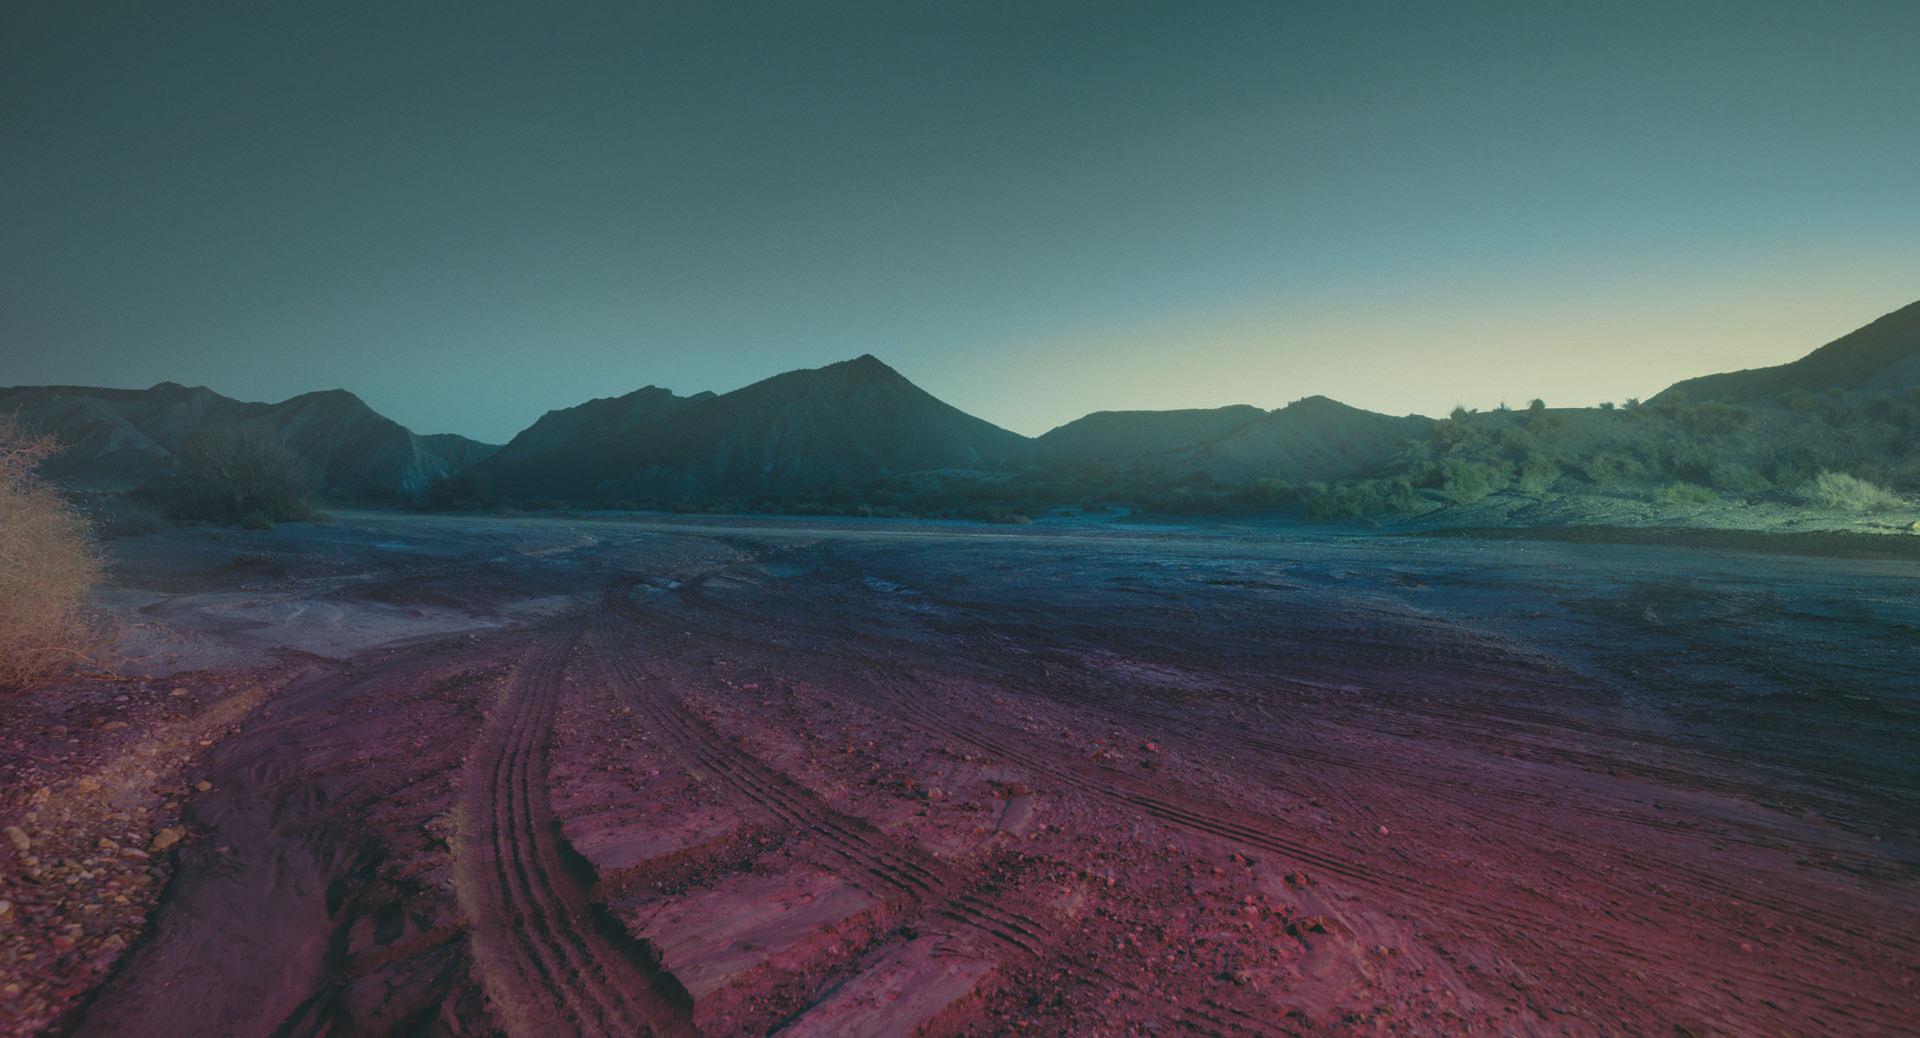 Audi Rainmaker, Audi Magazin, Loved, Anke Luckmann, www.ankeluckmann.com, kai tietz, landscape, red light, desert, morning